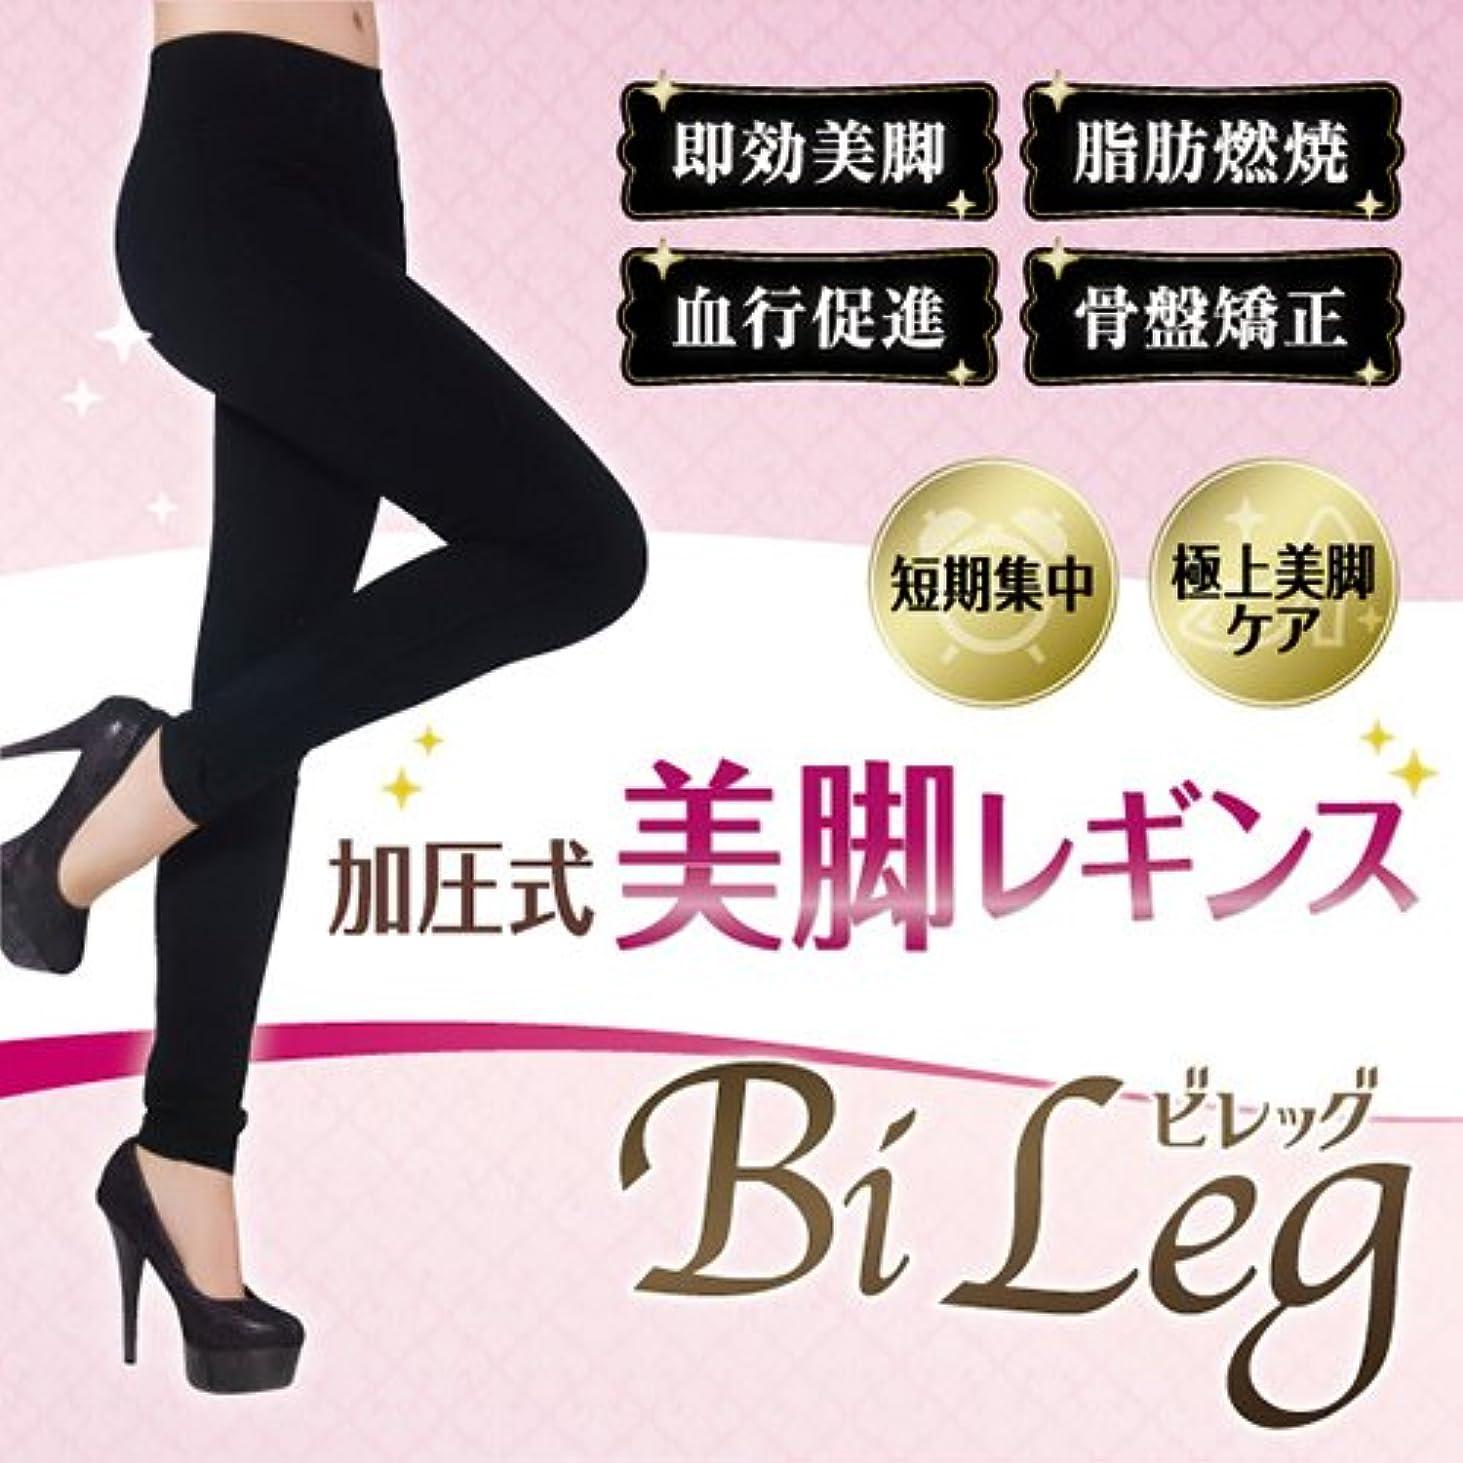 非武装化かりて帝国【単品】Bi Leg-ビレッグ-